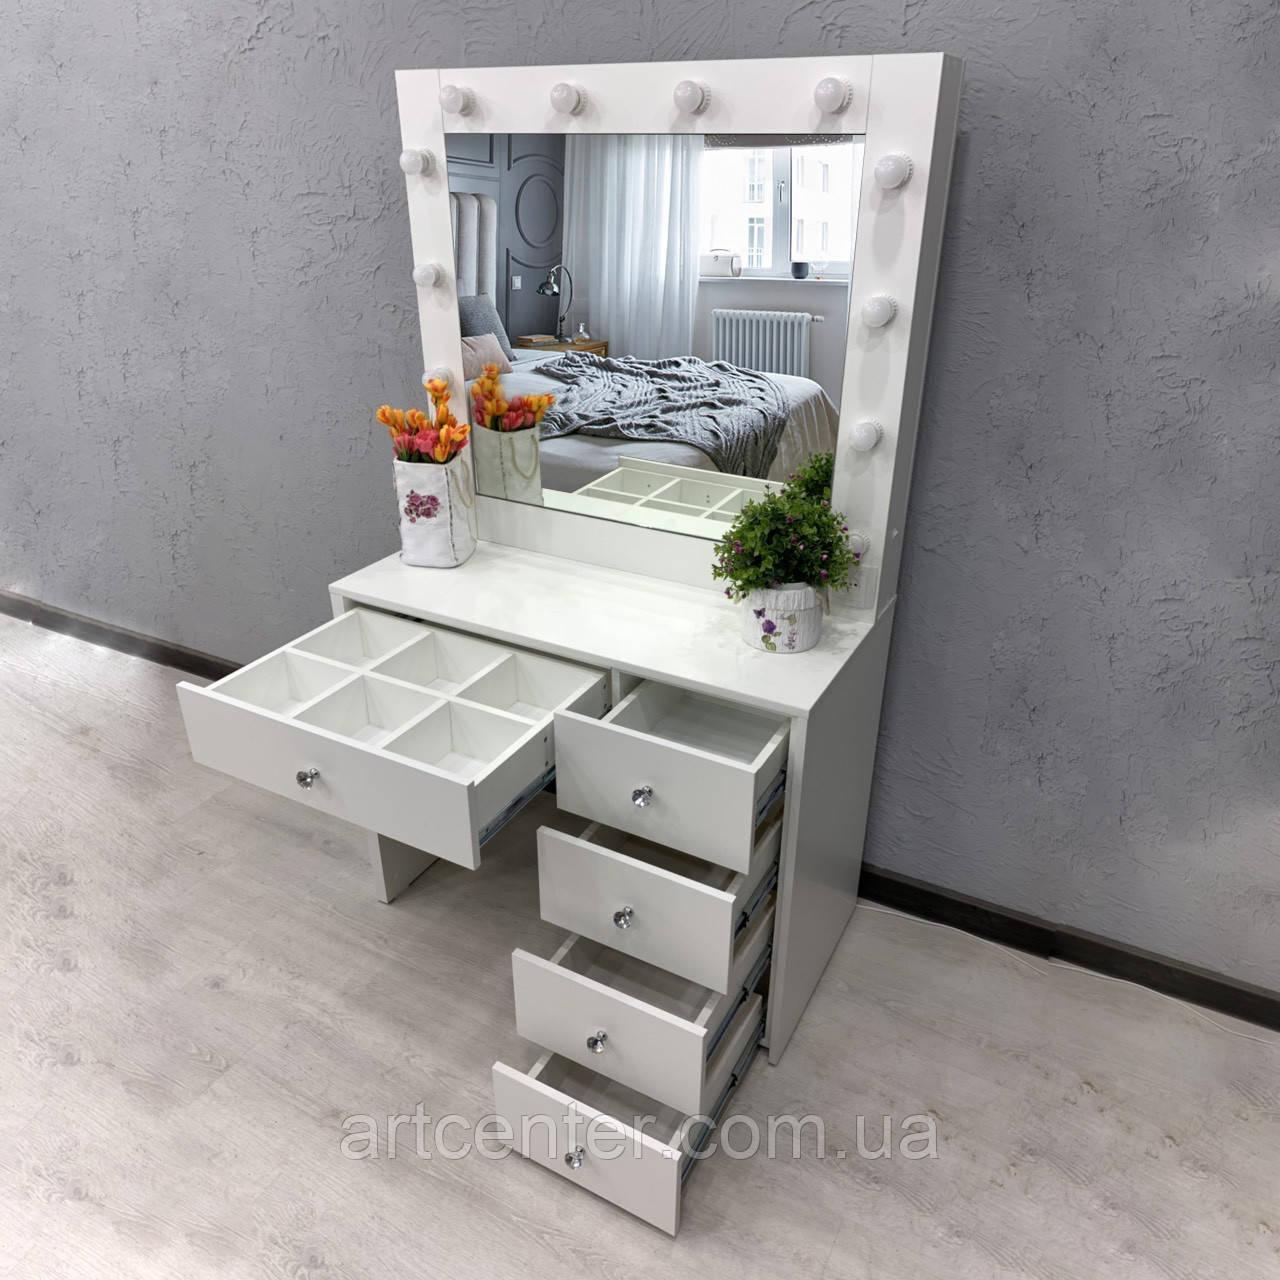 Стол для визажа с открывающимся зеркалом, ящиками, ручками кристалами